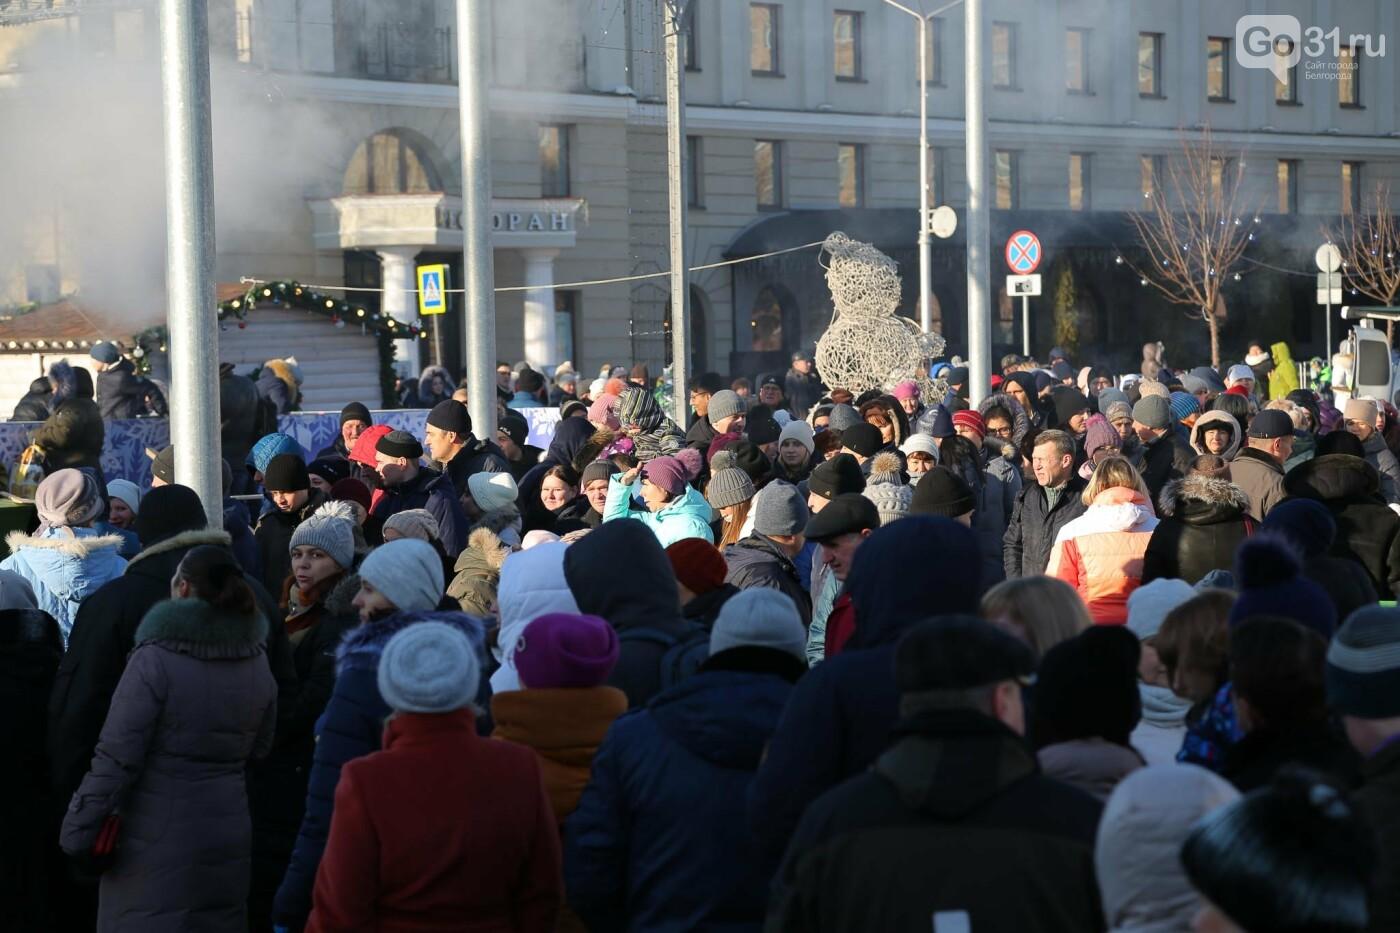 Дегустация, гастрономический парад, спецтроллейбус. В Белгороде прошёл фестиваль вареников, фото-9